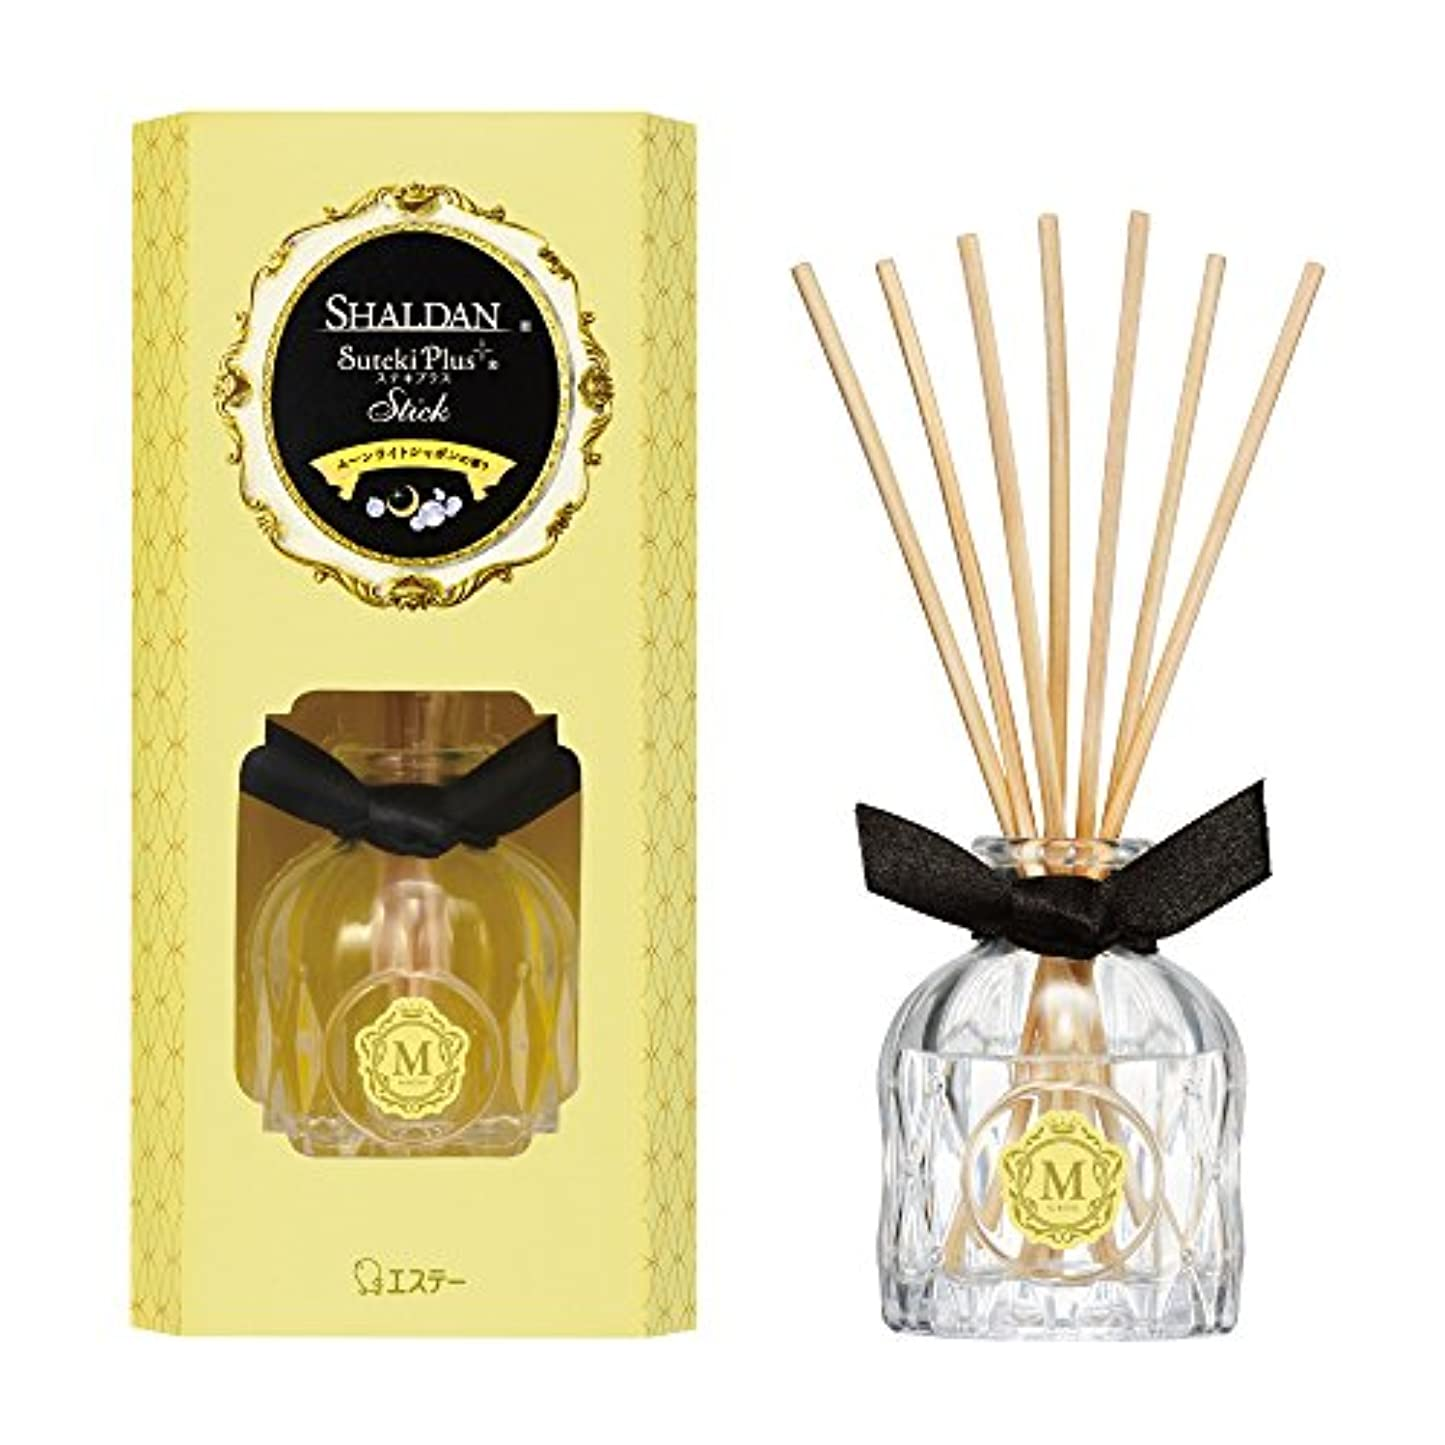 年注意ビリーシャルダン SHALDAN ステキプラス スティック 消臭芳香剤 部屋用 部屋 本体 ムーンライトシャボンの香り 45ml